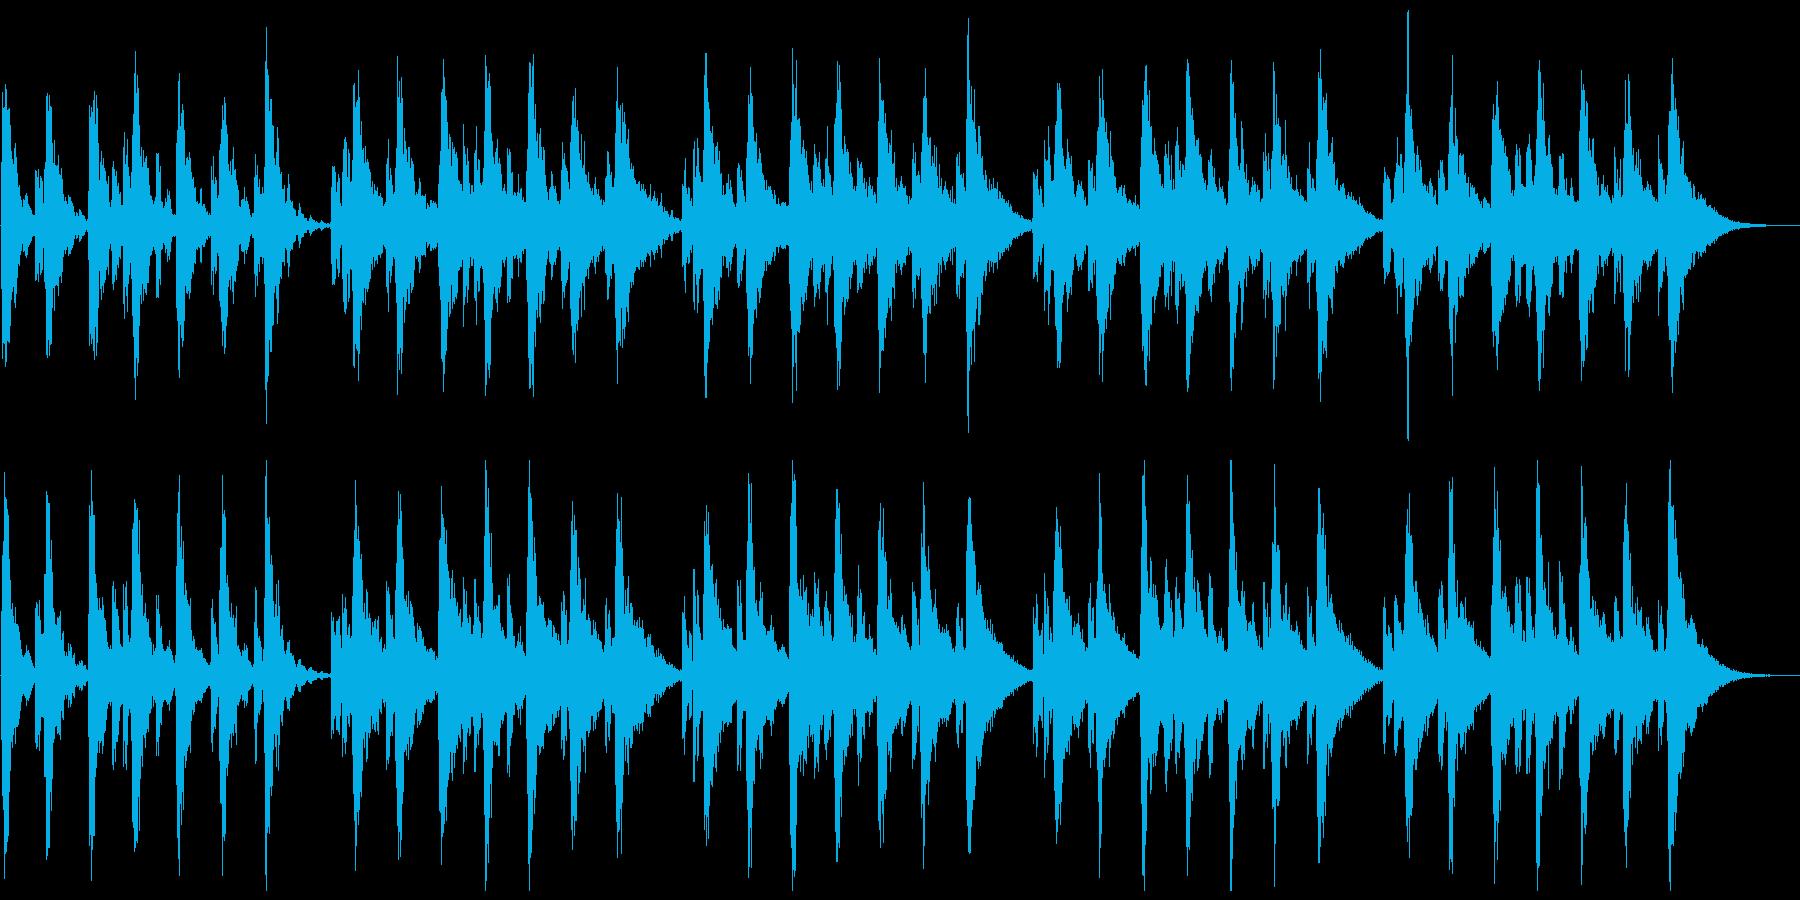 シンセの心地よいBGMの再生済みの波形